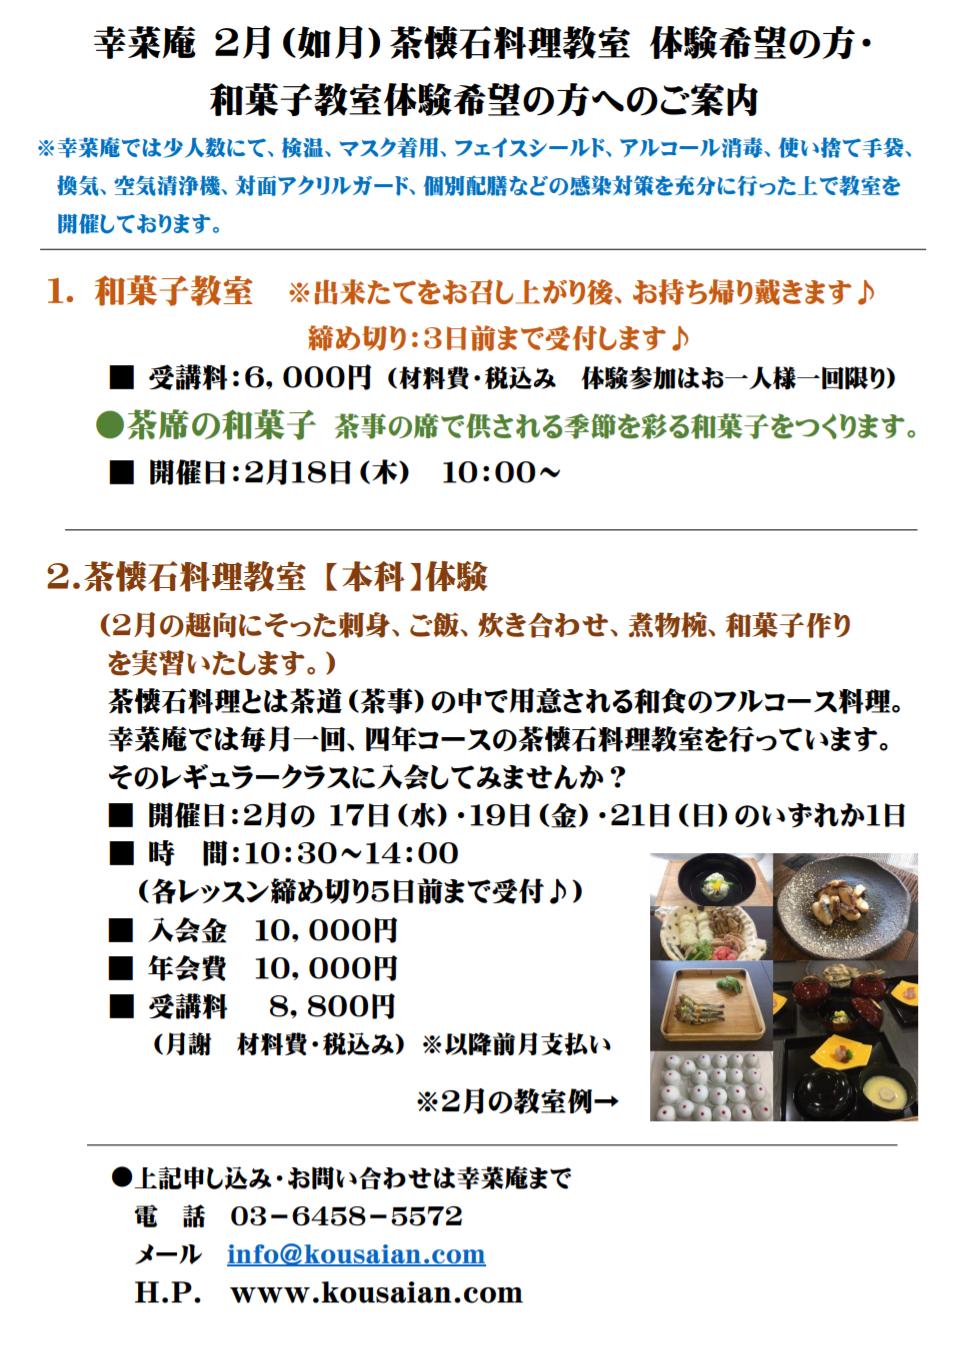 幸菜庵 2月(如月)の茶懐石料理教室本科 和菓子教室 体験レッスン ご予約受付中